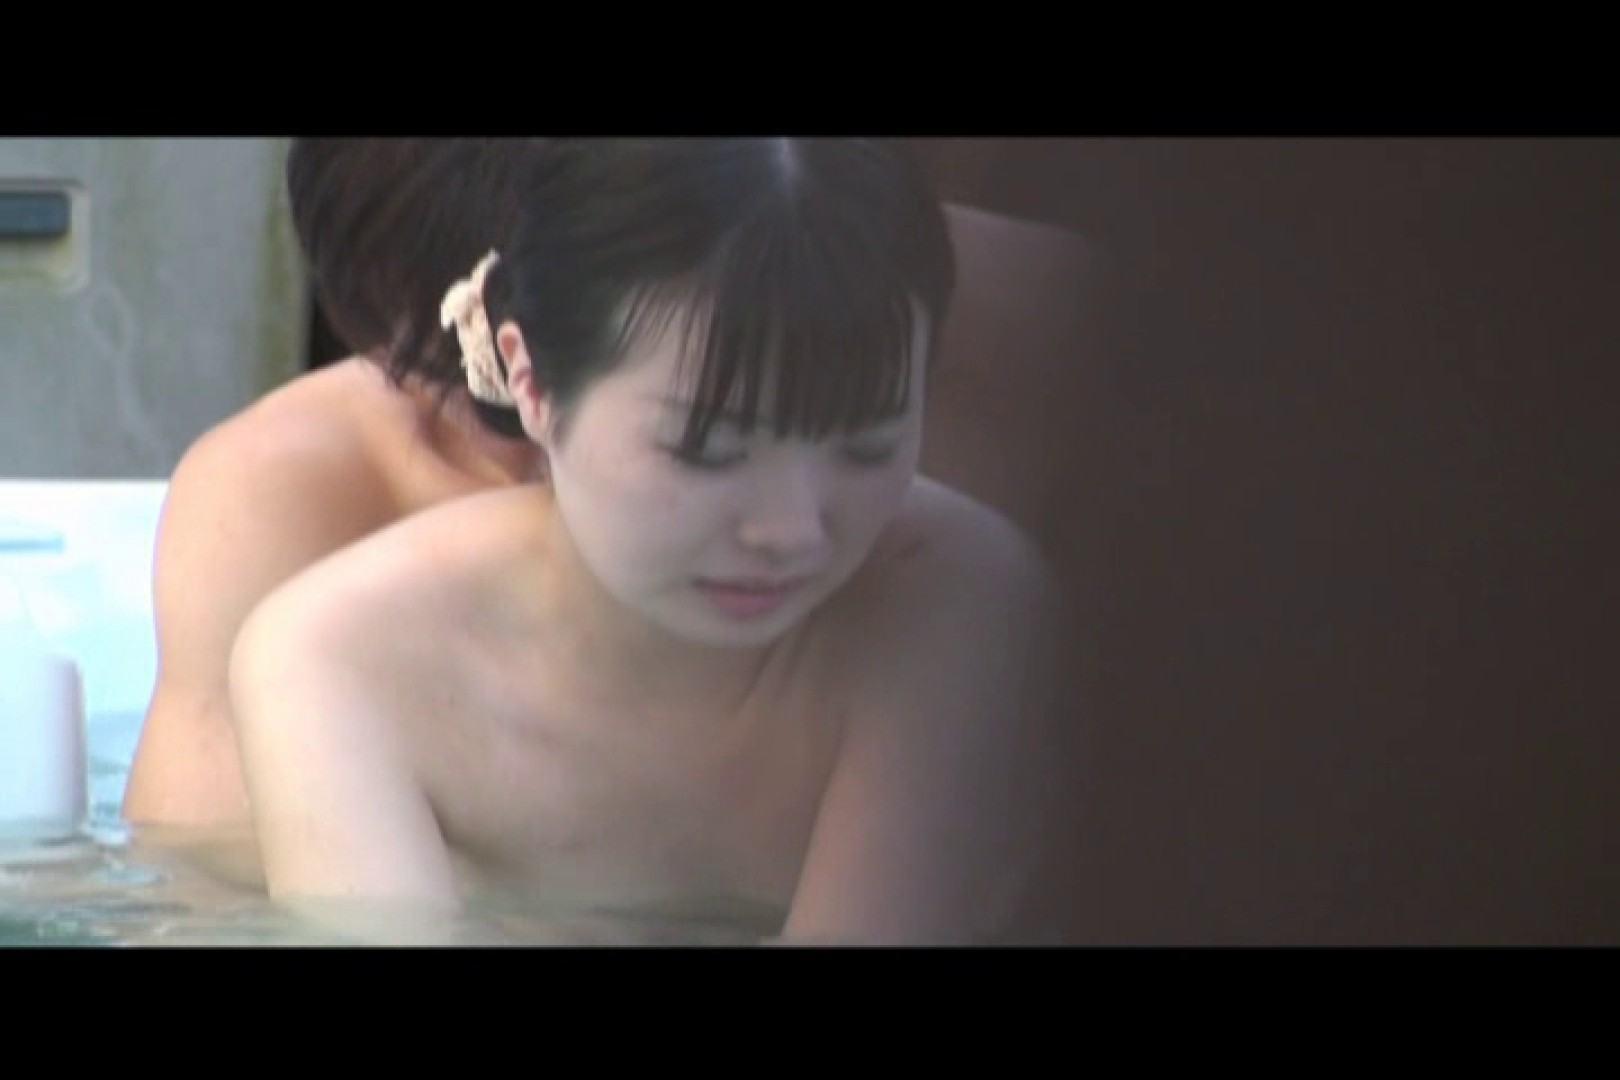 貸切露天 発情カップル! vol.09 カップル セックス無修正動画無料 92PIX 83